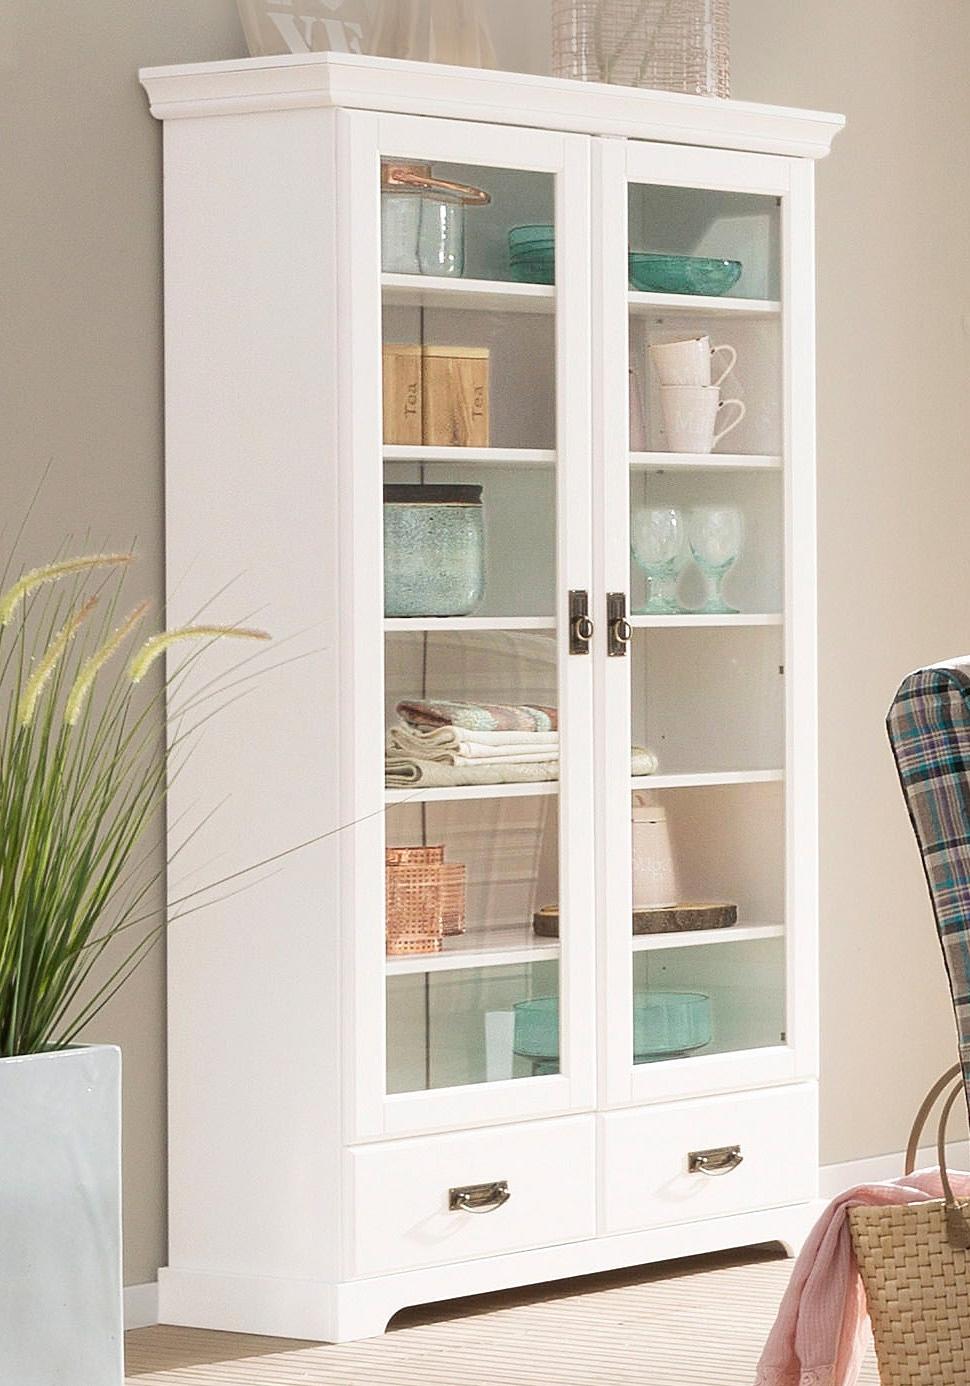 Home affaire vitrinekast nu online kopen bij OTTO